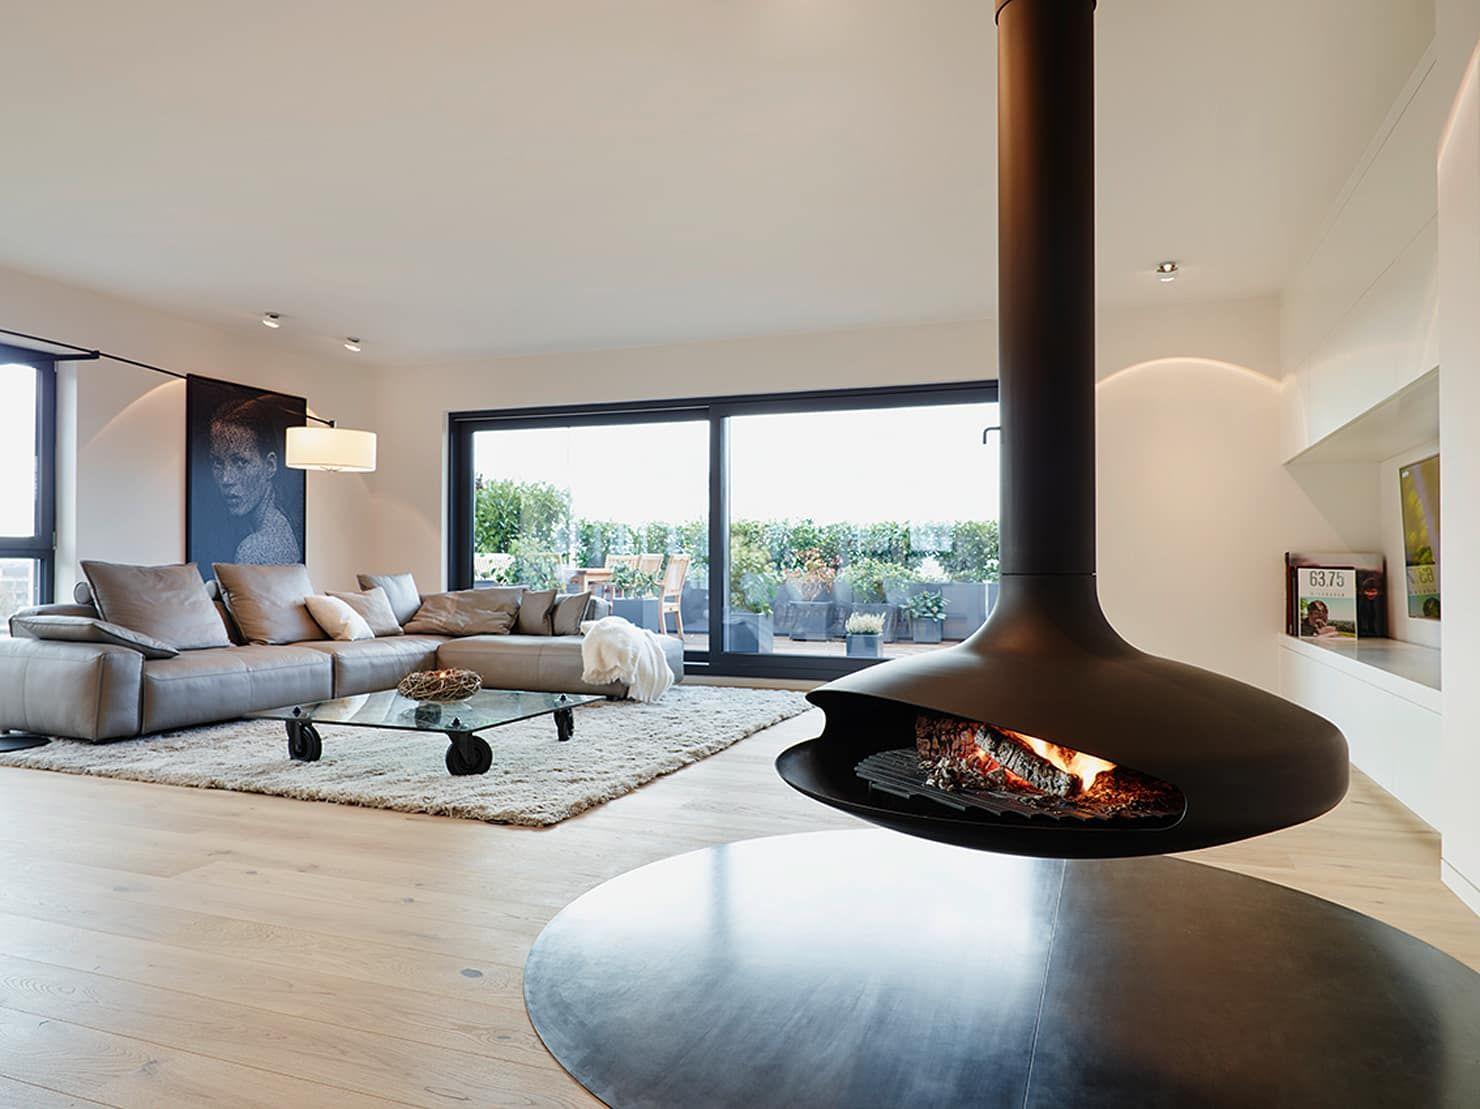 Modernes bungalow innenarchitektur wohnzimmer penthouse moderne wohnzimmer von honeyandspice innenarchitektur